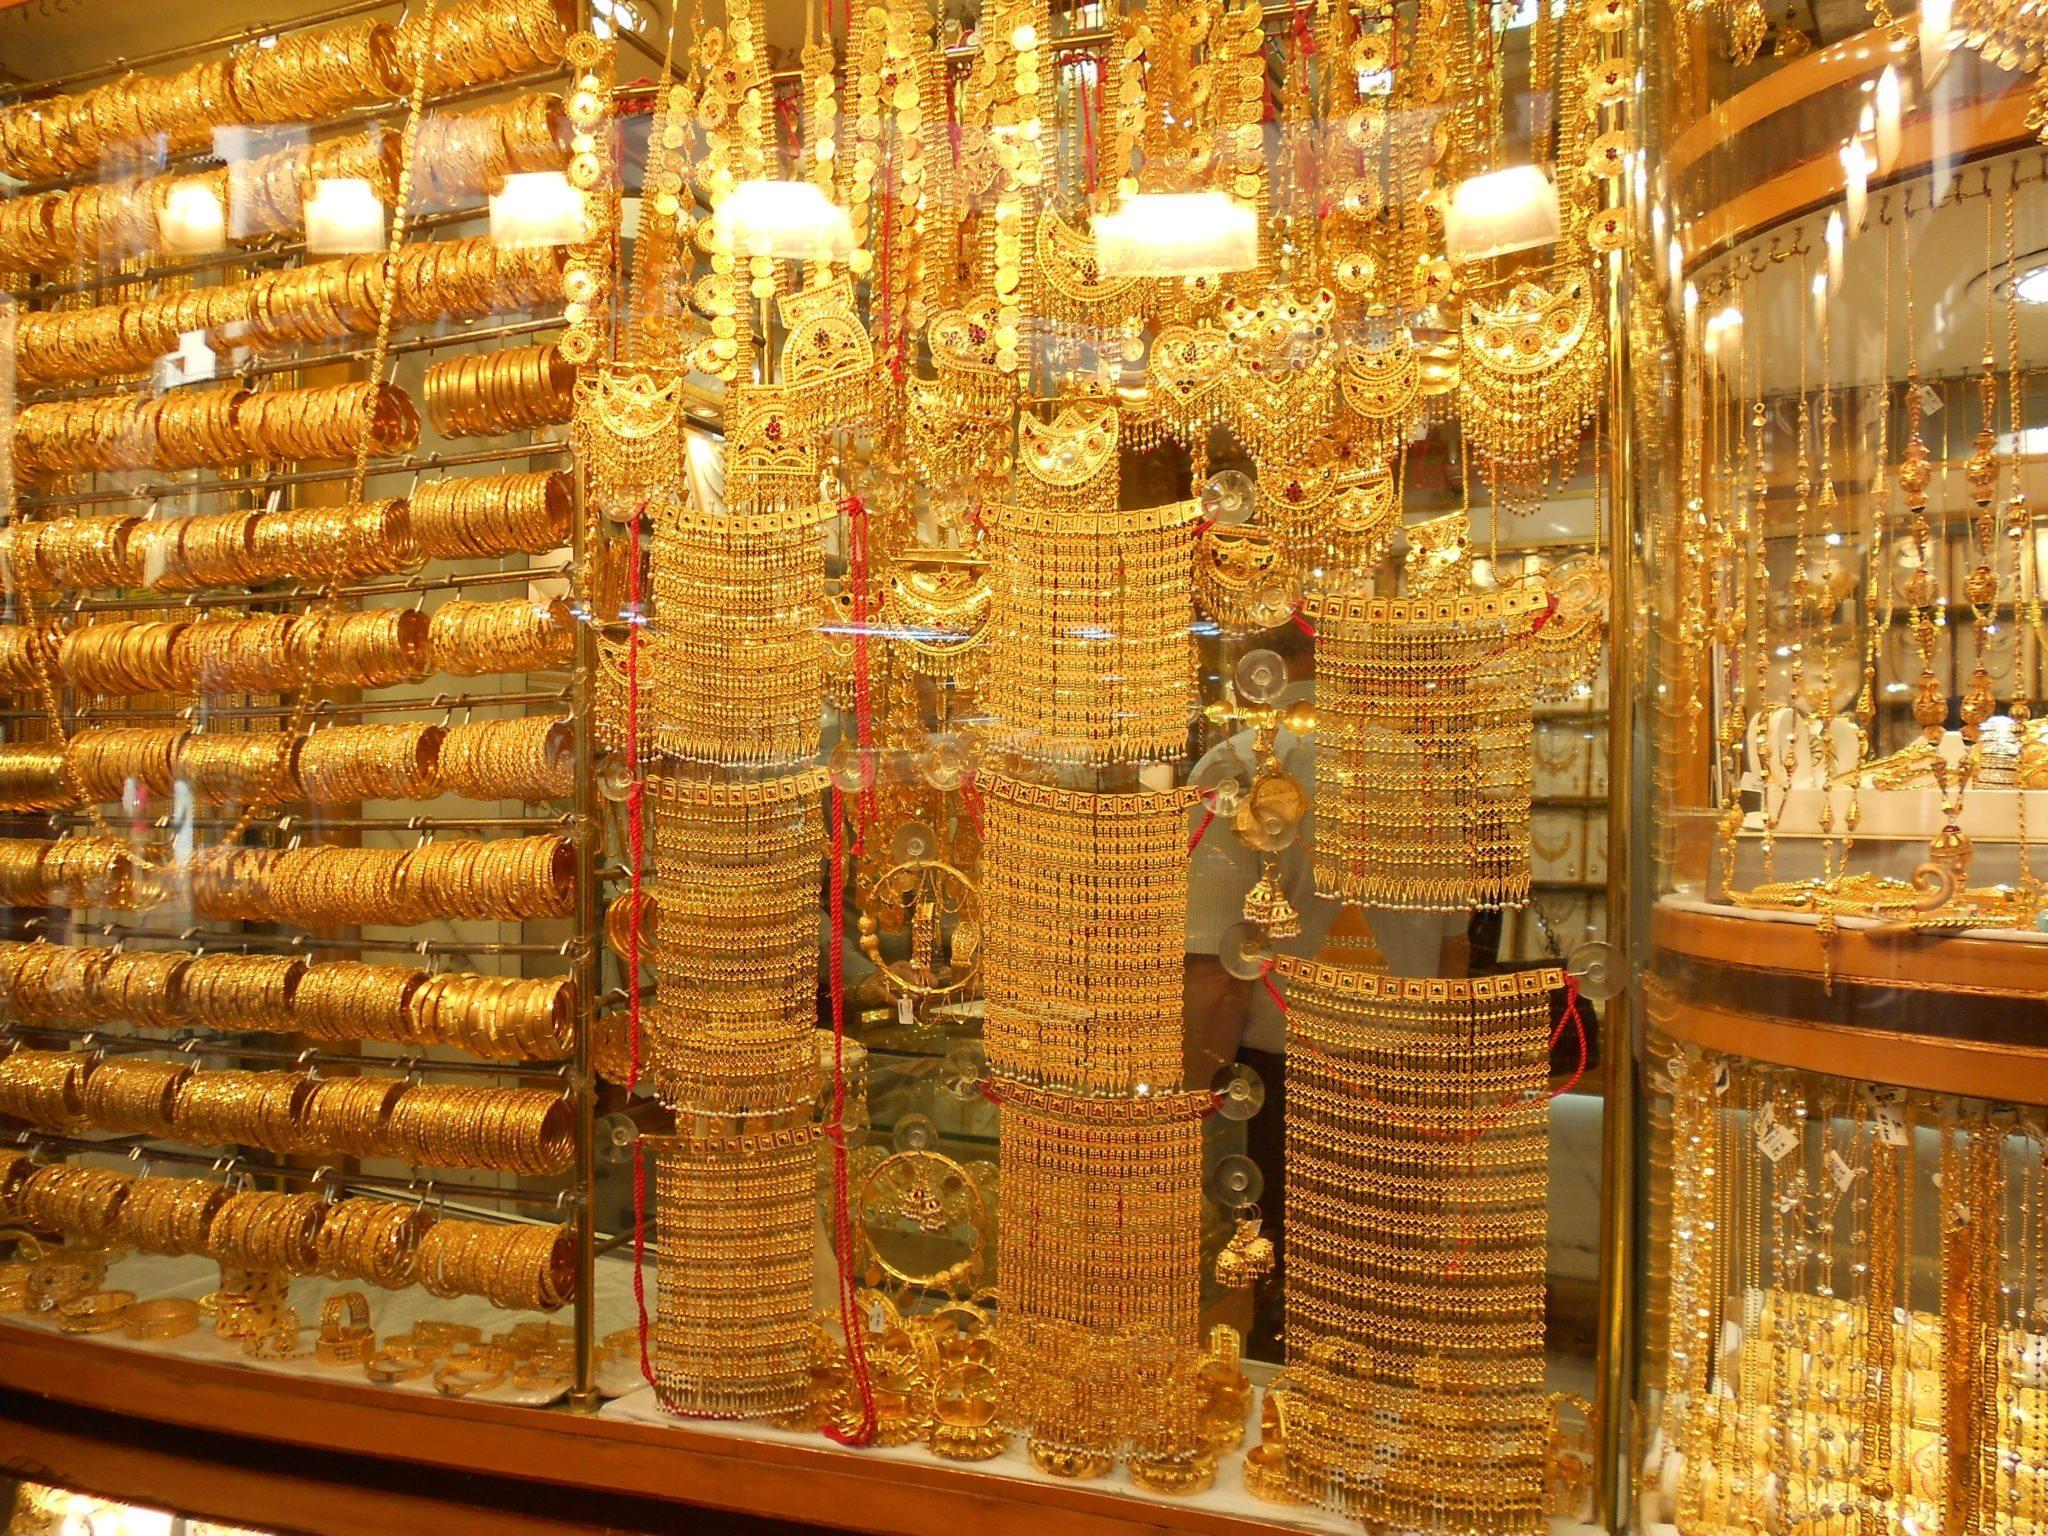 Dubai-Old-Town-and-Dubai-Mall-Walking-tour-2